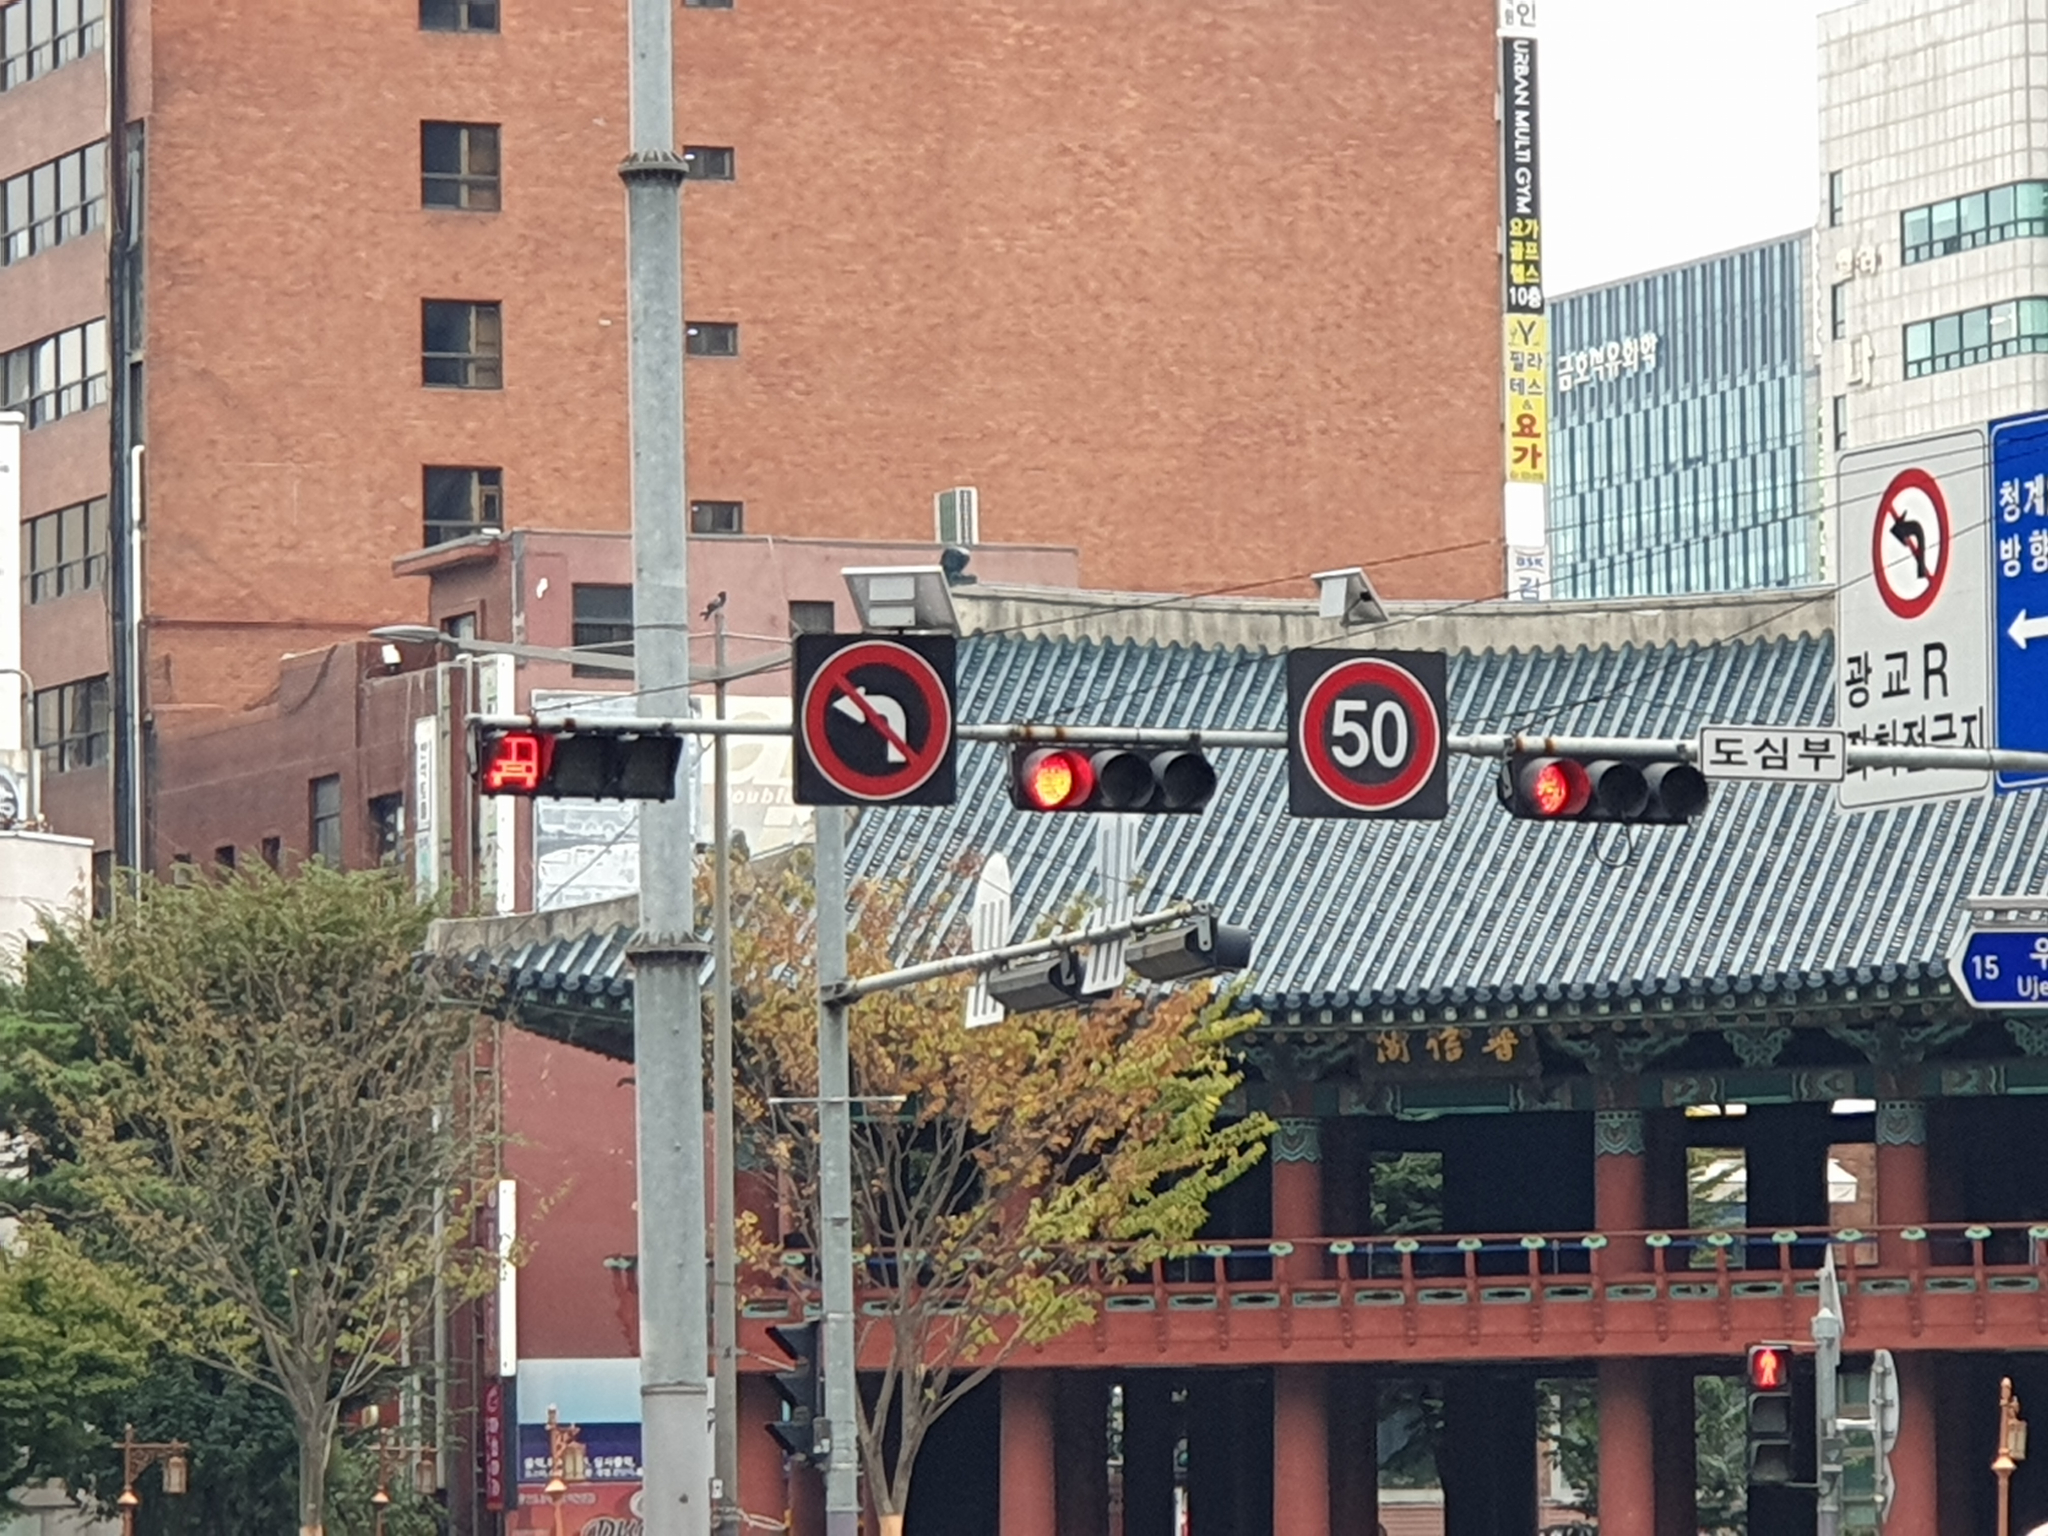 서울 종로 보신각 앞 사거리에 제한속도가 시속 50km임을 알리는 표시판이 설치돼 있다.[강갑생 기자]